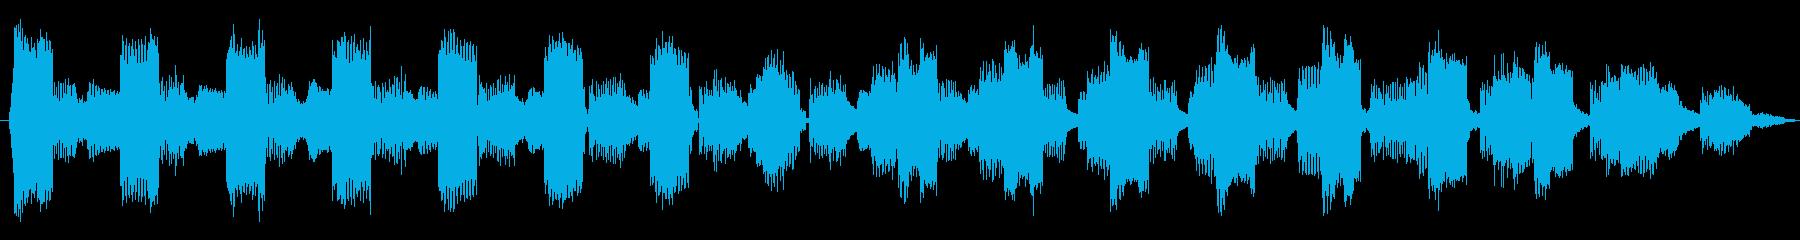 たくさんの電話呼び出し音の再生済みの波形